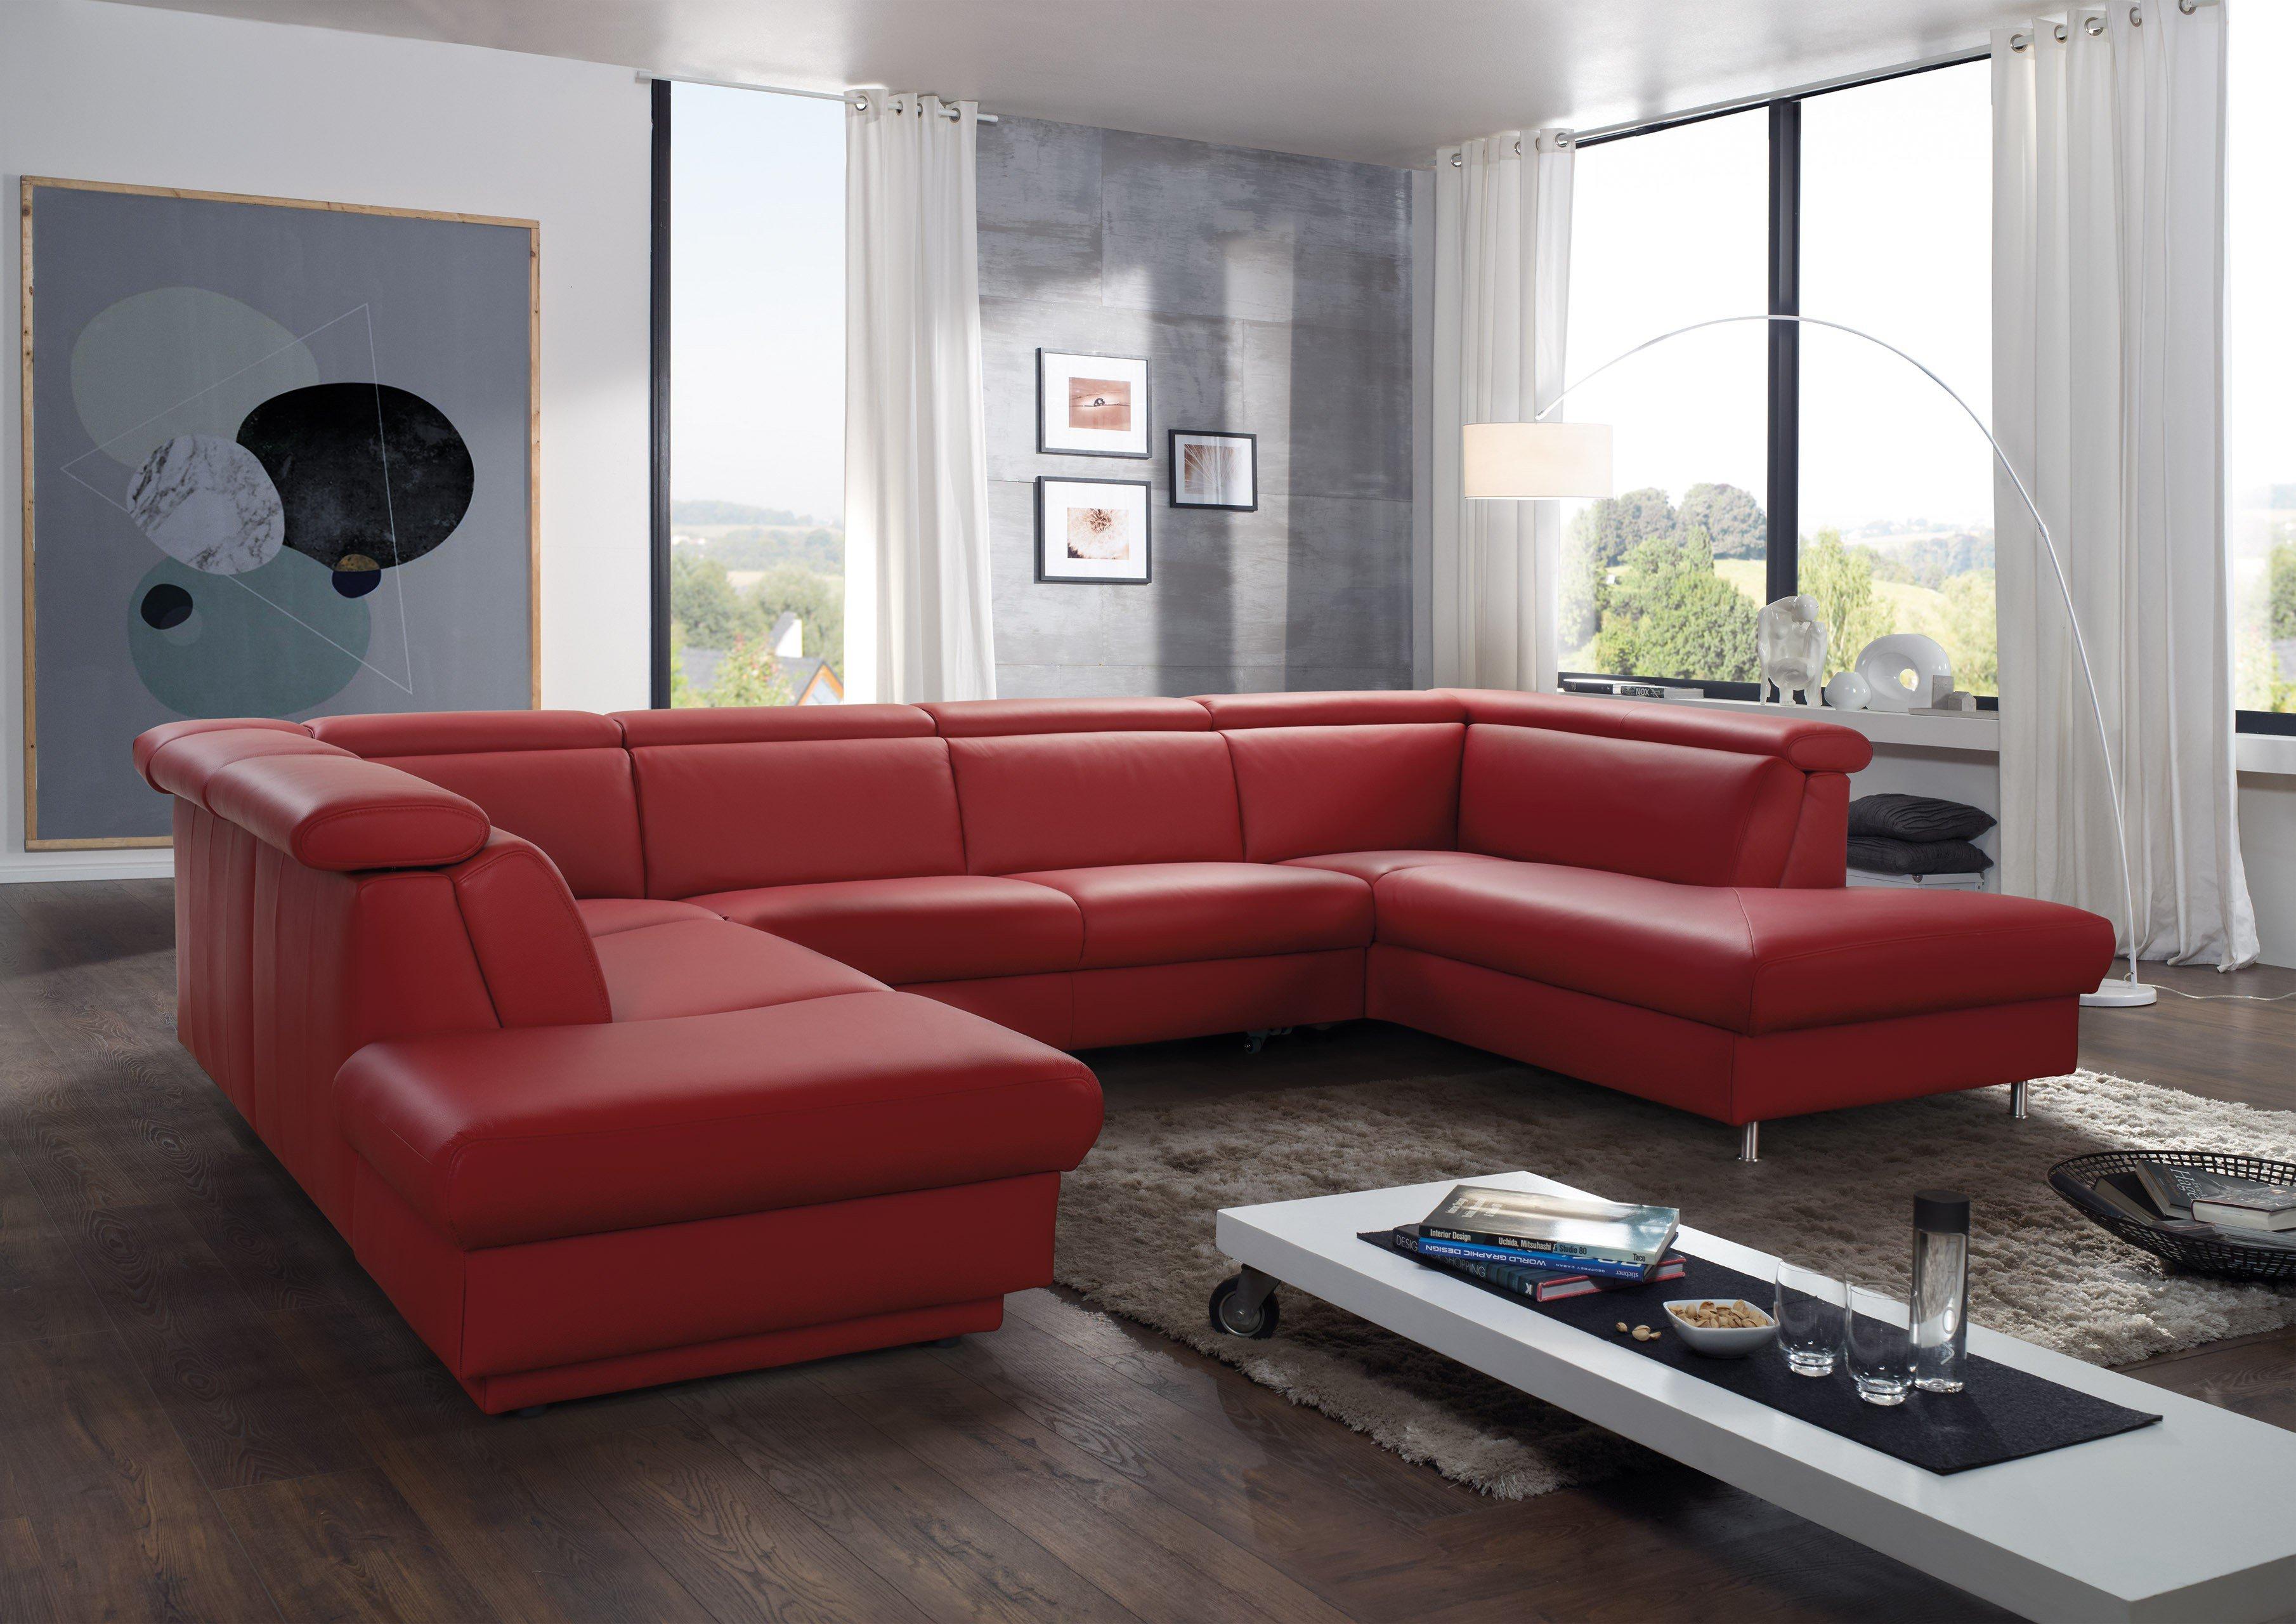 Chili Möbel himolla polstermöbel 9701 wohnlandschaft in rot möbel letz ihr